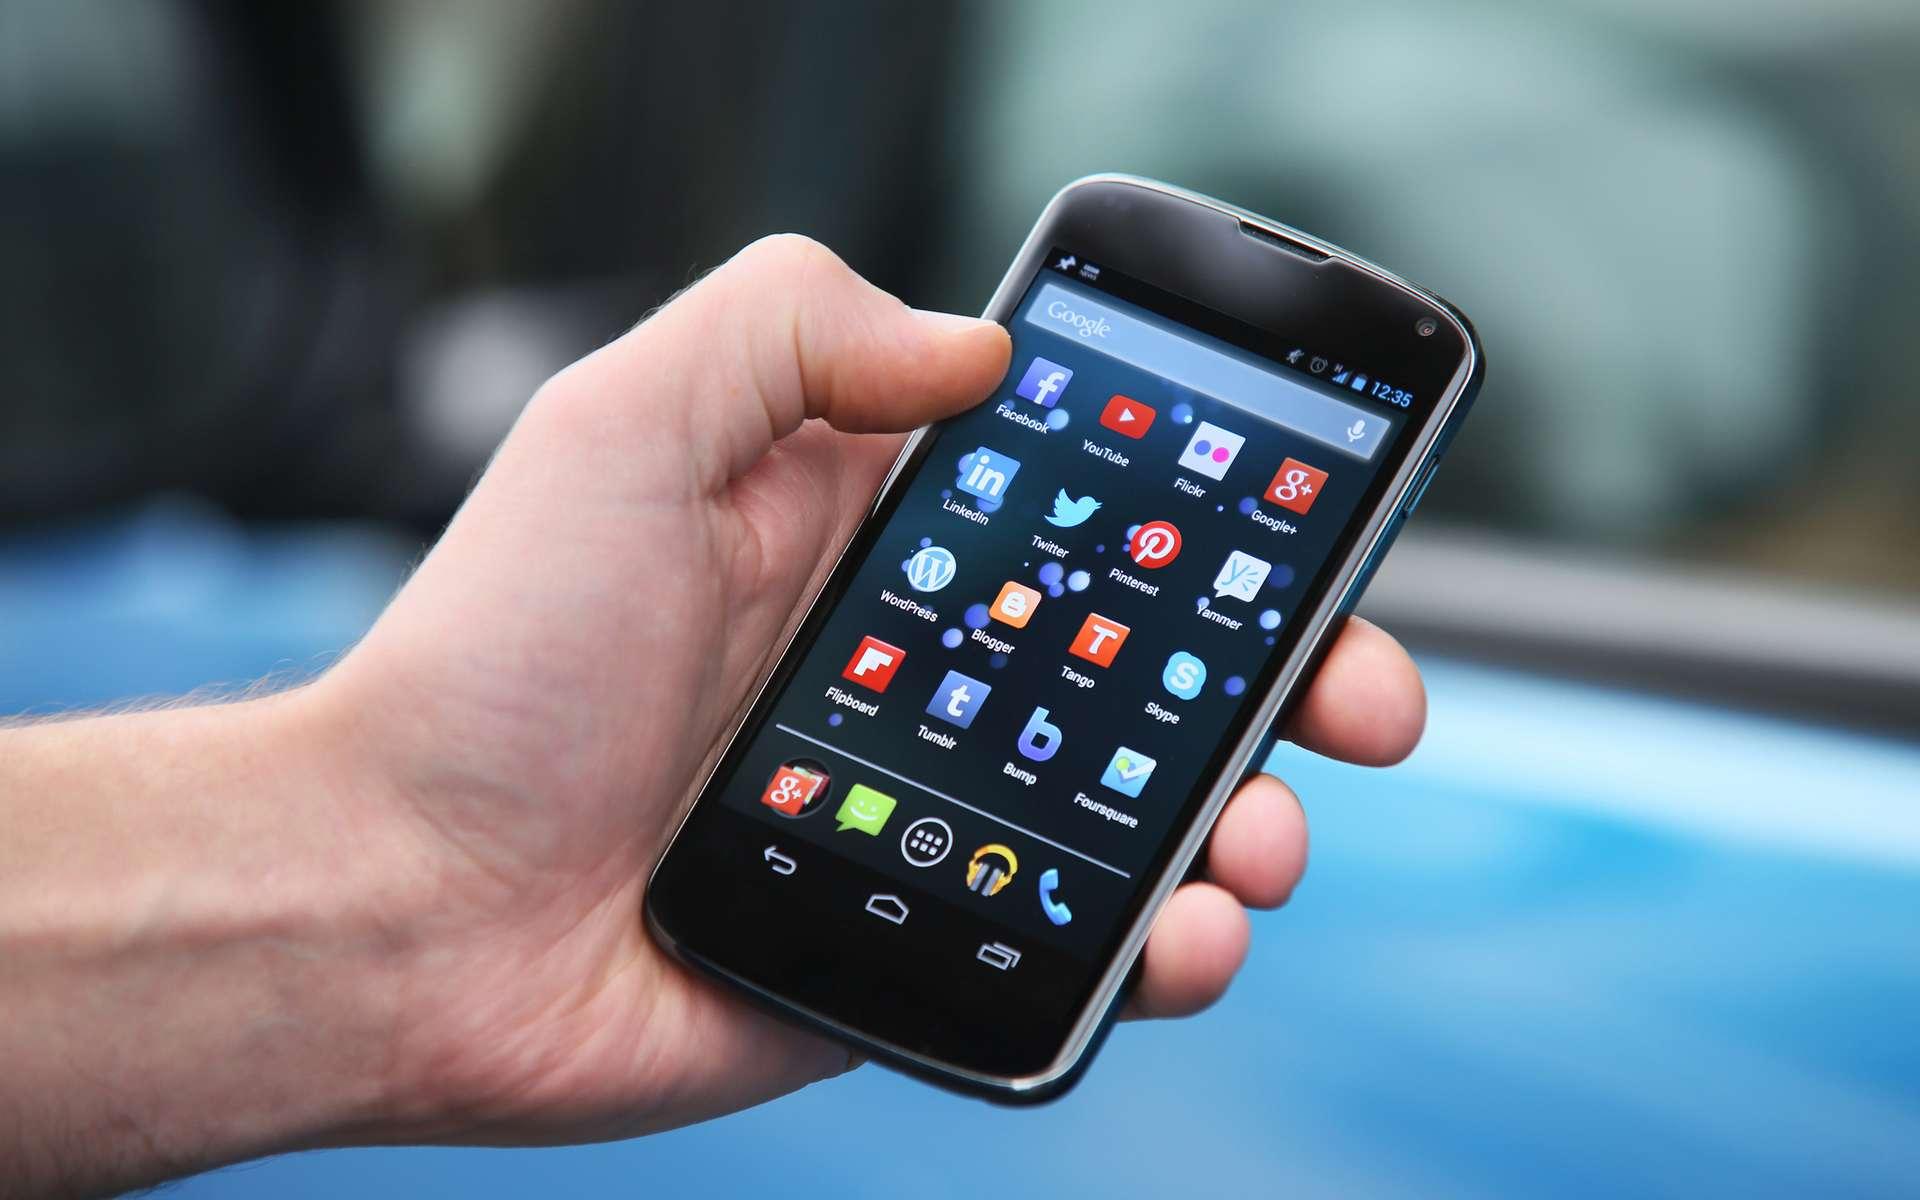 La VoLTE développée avec la 4G permet d'obtenir une connexion Internet en même temps qu'un appel téléphonique. © Highways Agency, Flickr, CC by 2.0